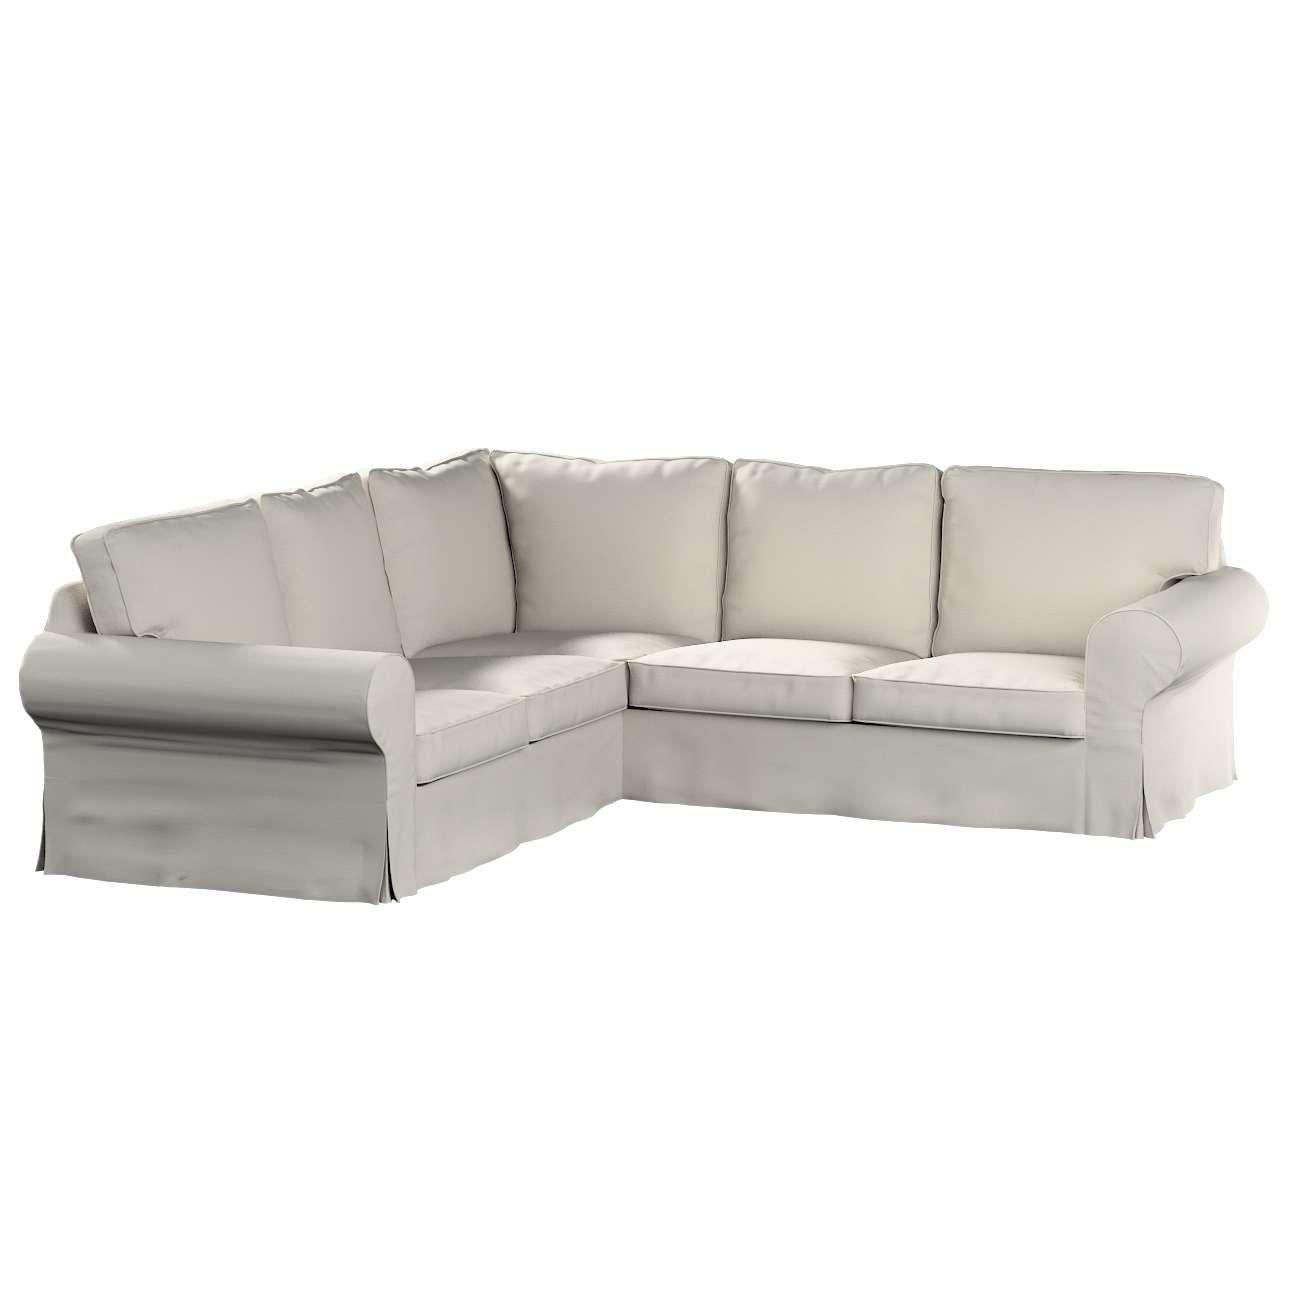 Ektorp kampinė sofa Ektorp kampinė sofa kolekcijoje Cotton Panama, audinys: 702-31